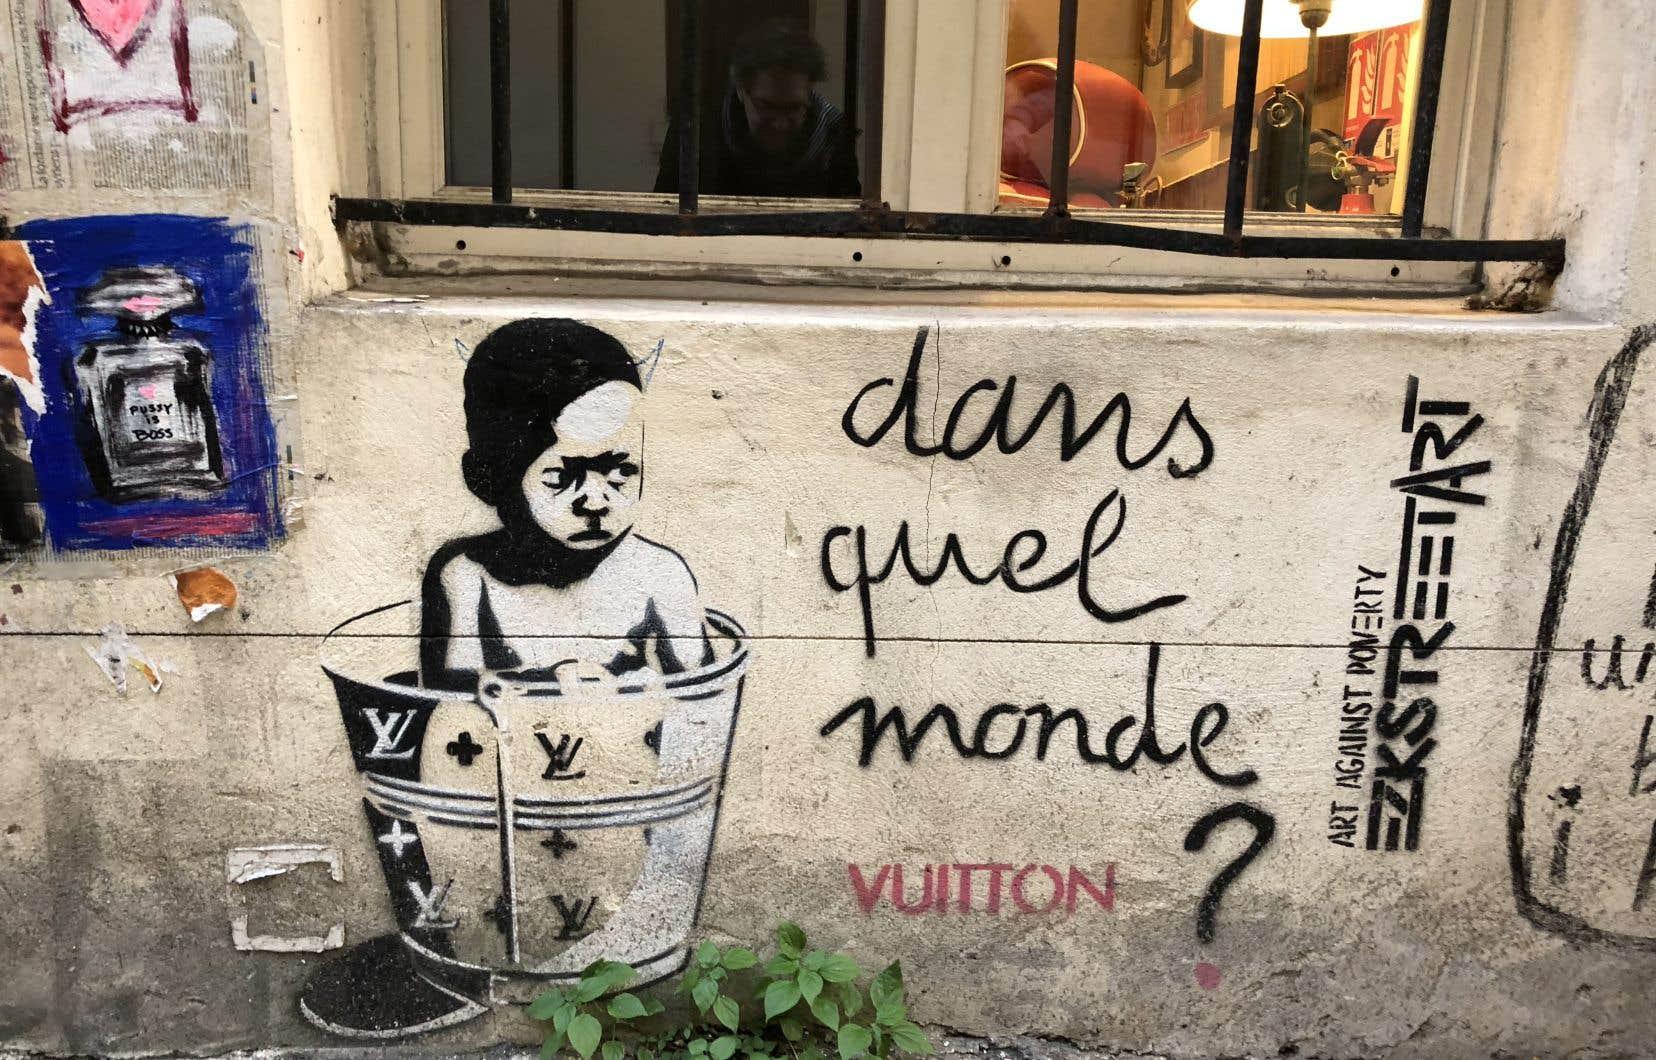 Croqué sur un mur du chic Marais, à quelques jours de Noël, du «street art» contre la pauvreté: Dans quel monde Vuitton?